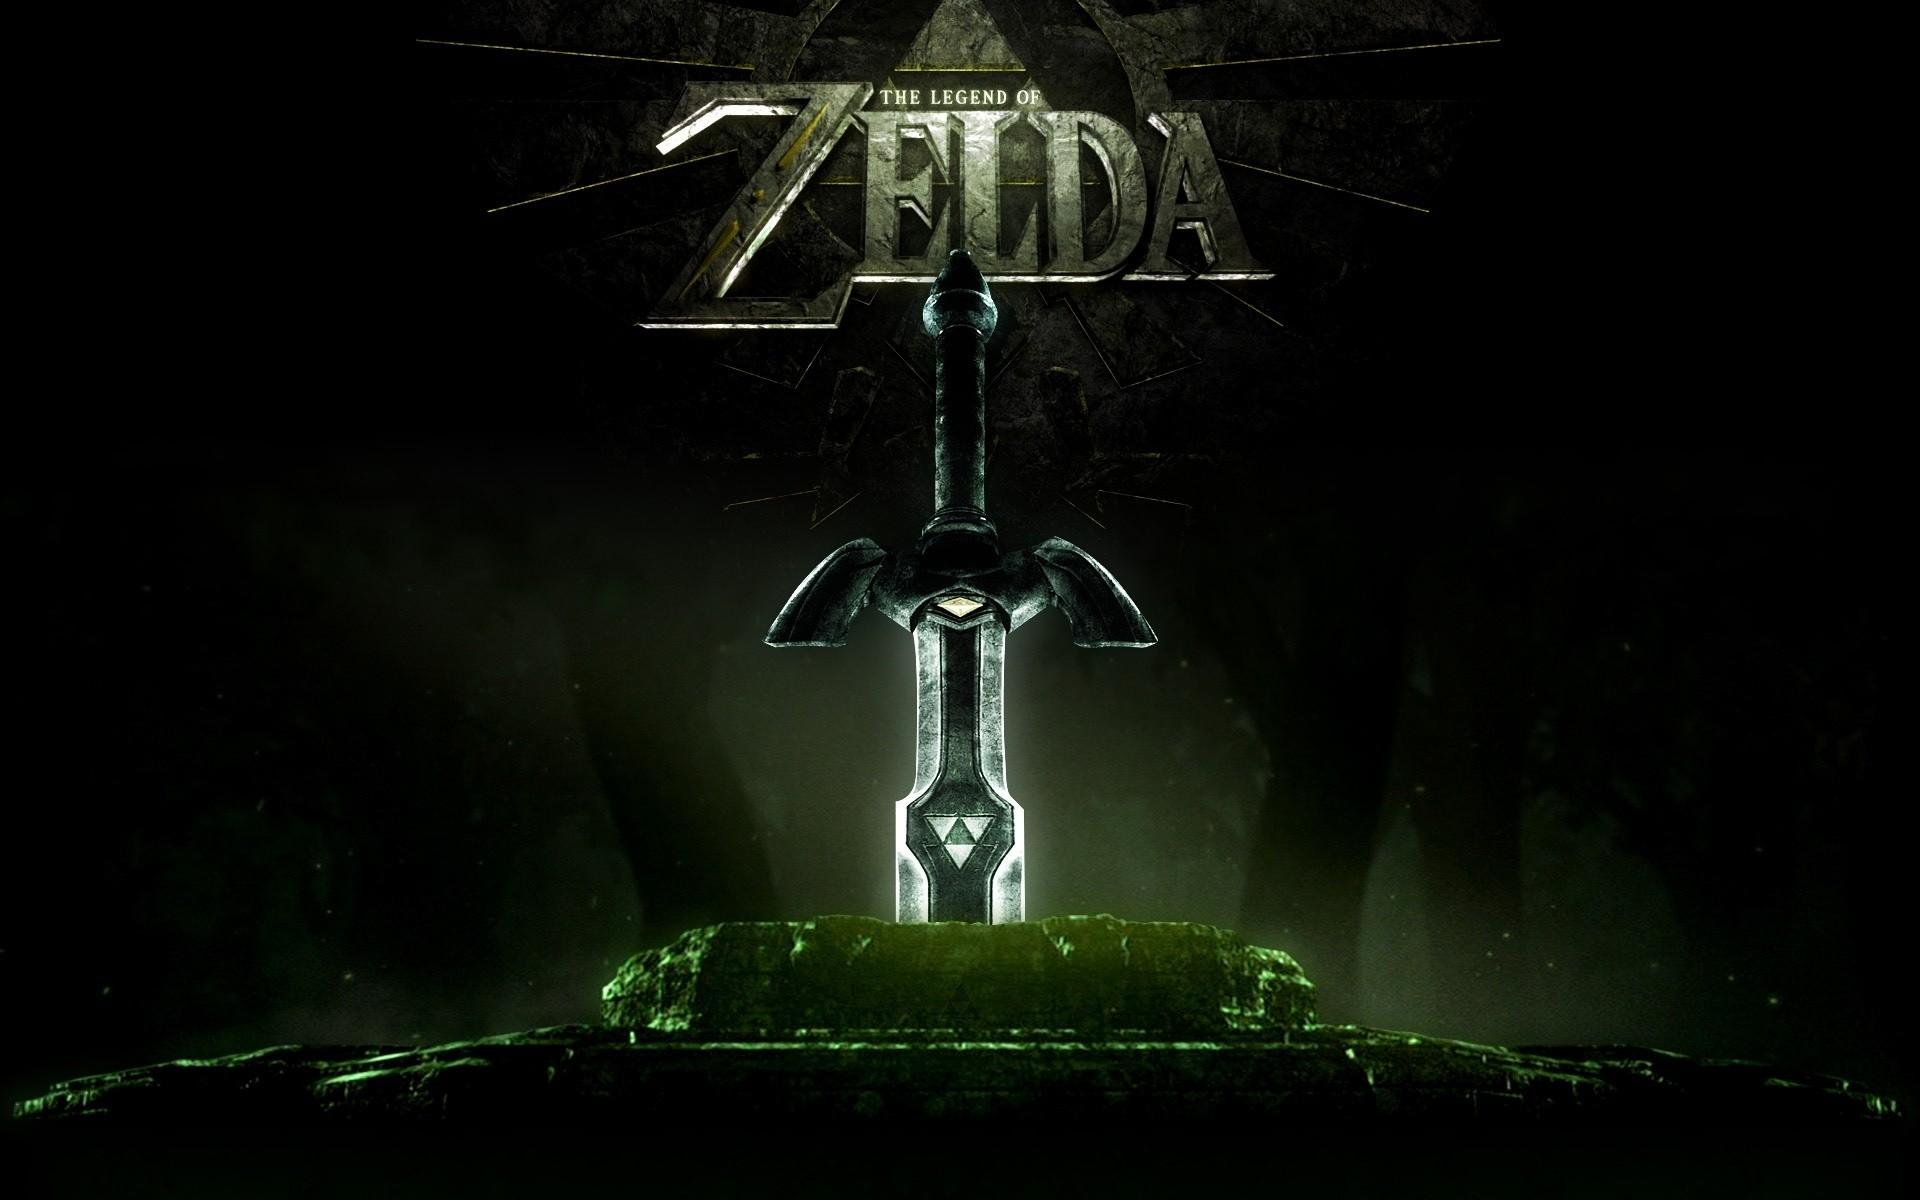 Legend Of Zelda Phone Wallpapers